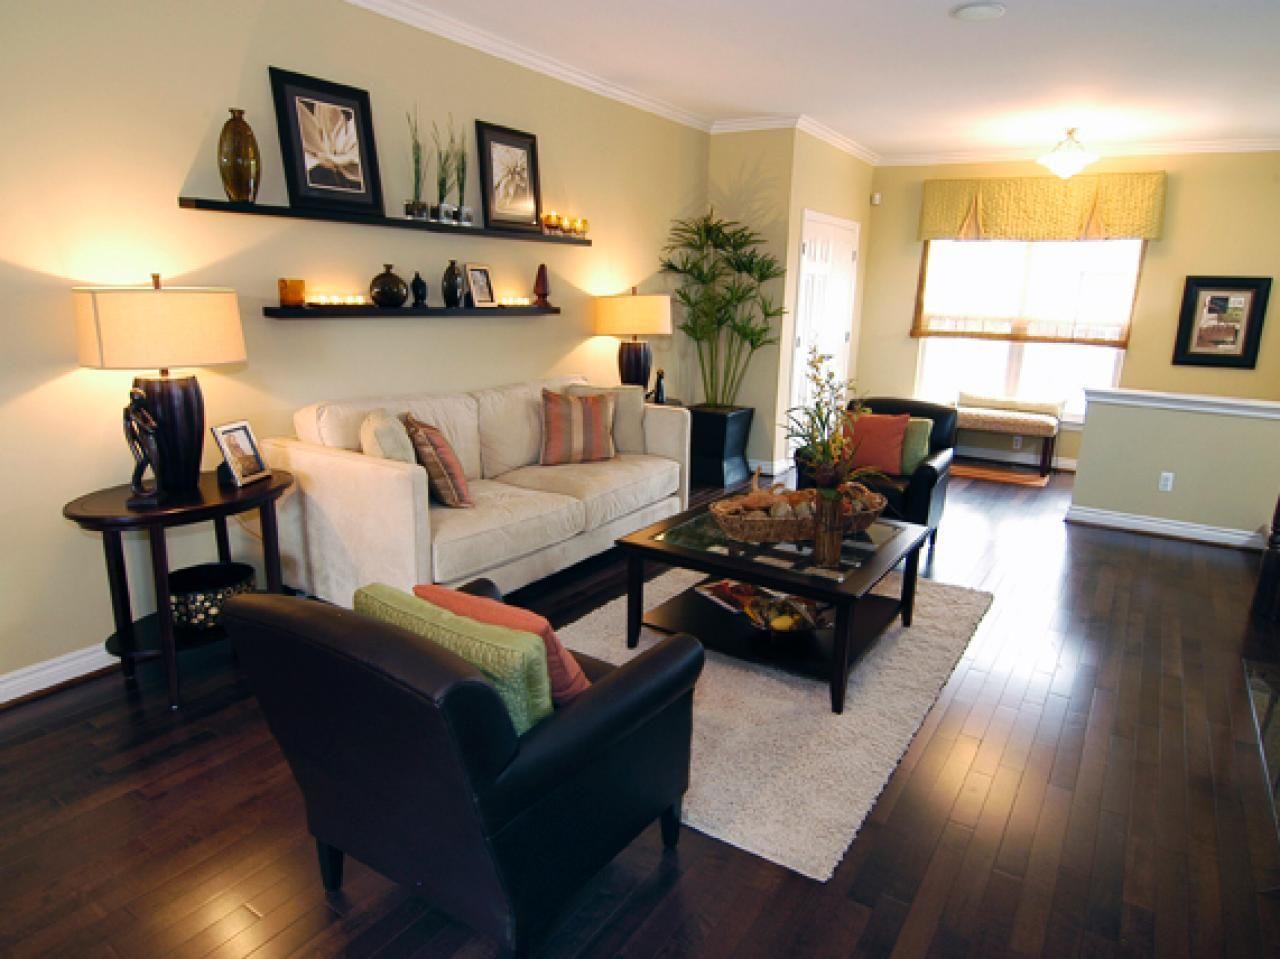 decoracion iluminacion salon | Decoración de casa | Pinterest ...